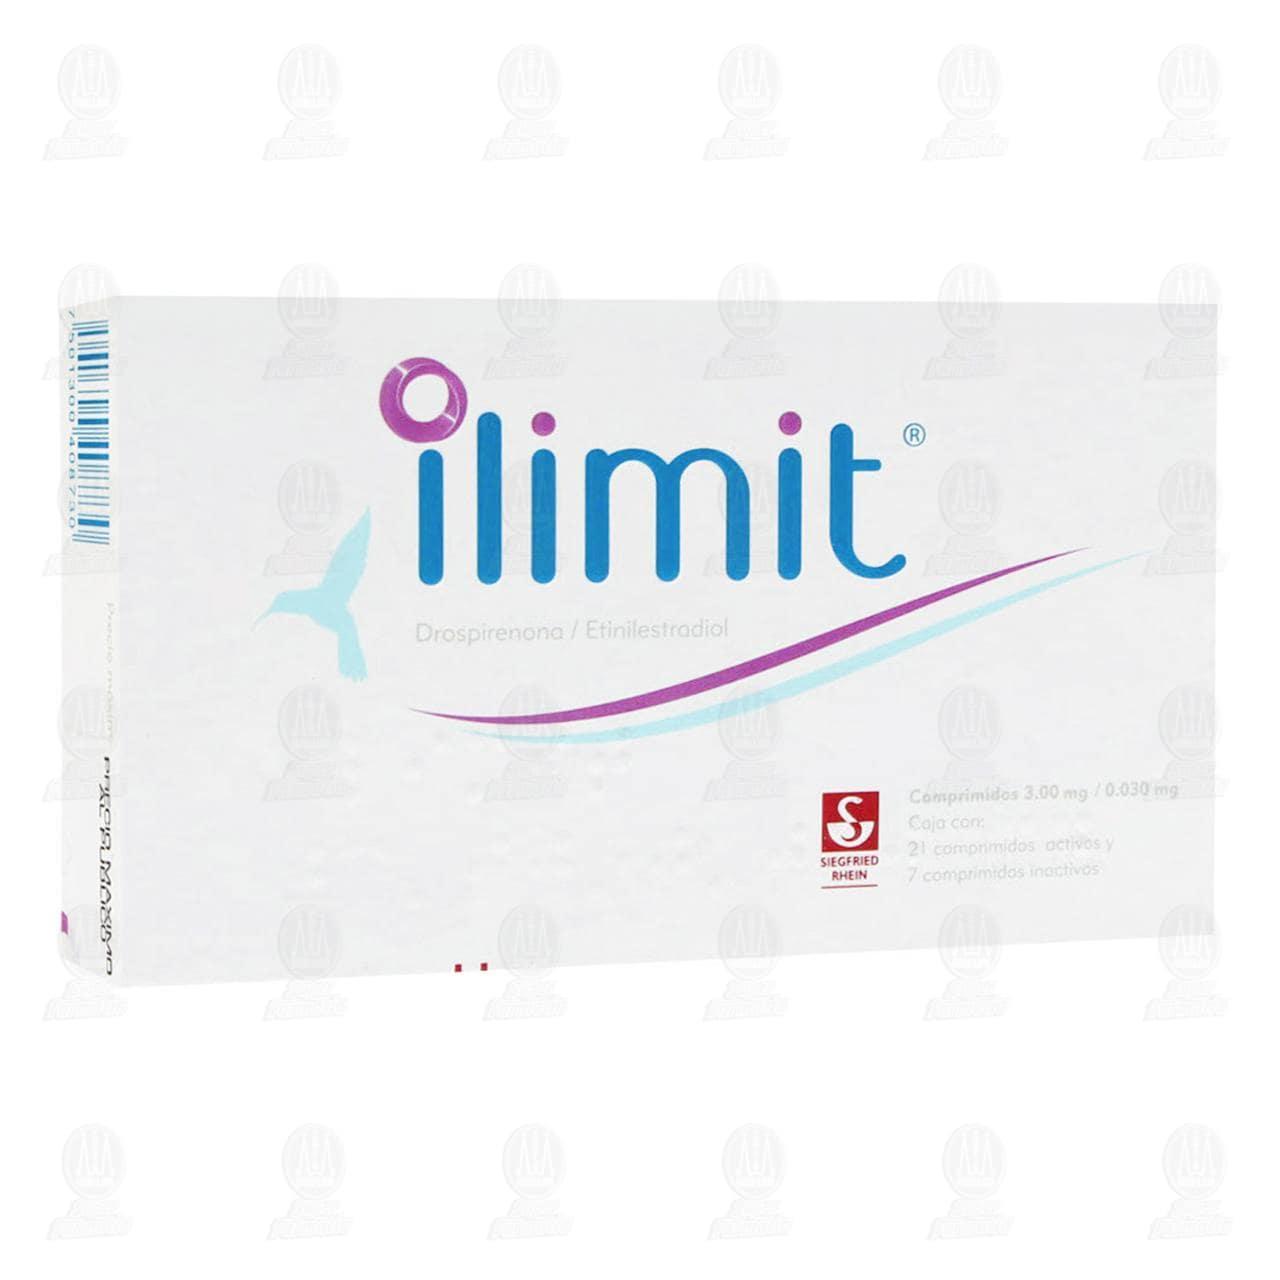 Comprar Ilimit 3.0mg/0.03mg 21 Comprimidos Activos y 7 Inactivos en Farmacias Guadalajara